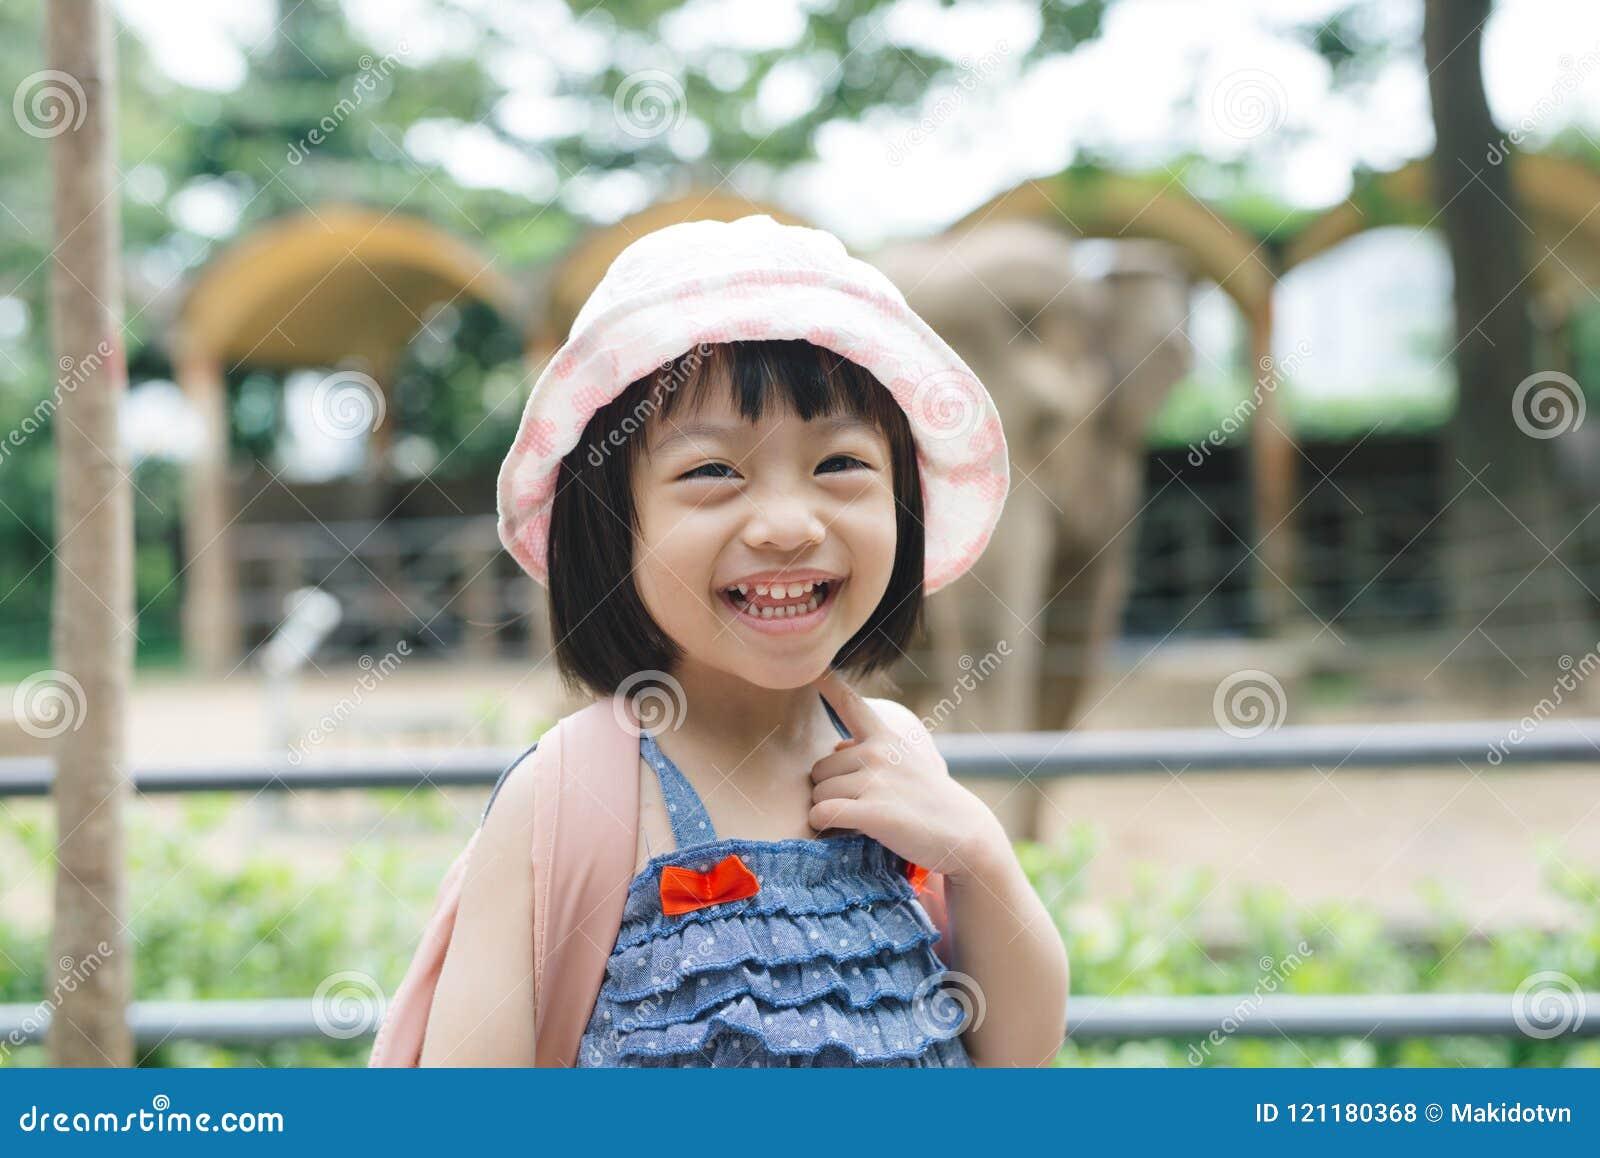 Χαριτωμένα ζώα προσοχής μικρών κοριτσιών στο ζωολογικό κήπο στο θερμό και ηλιόλουστο s